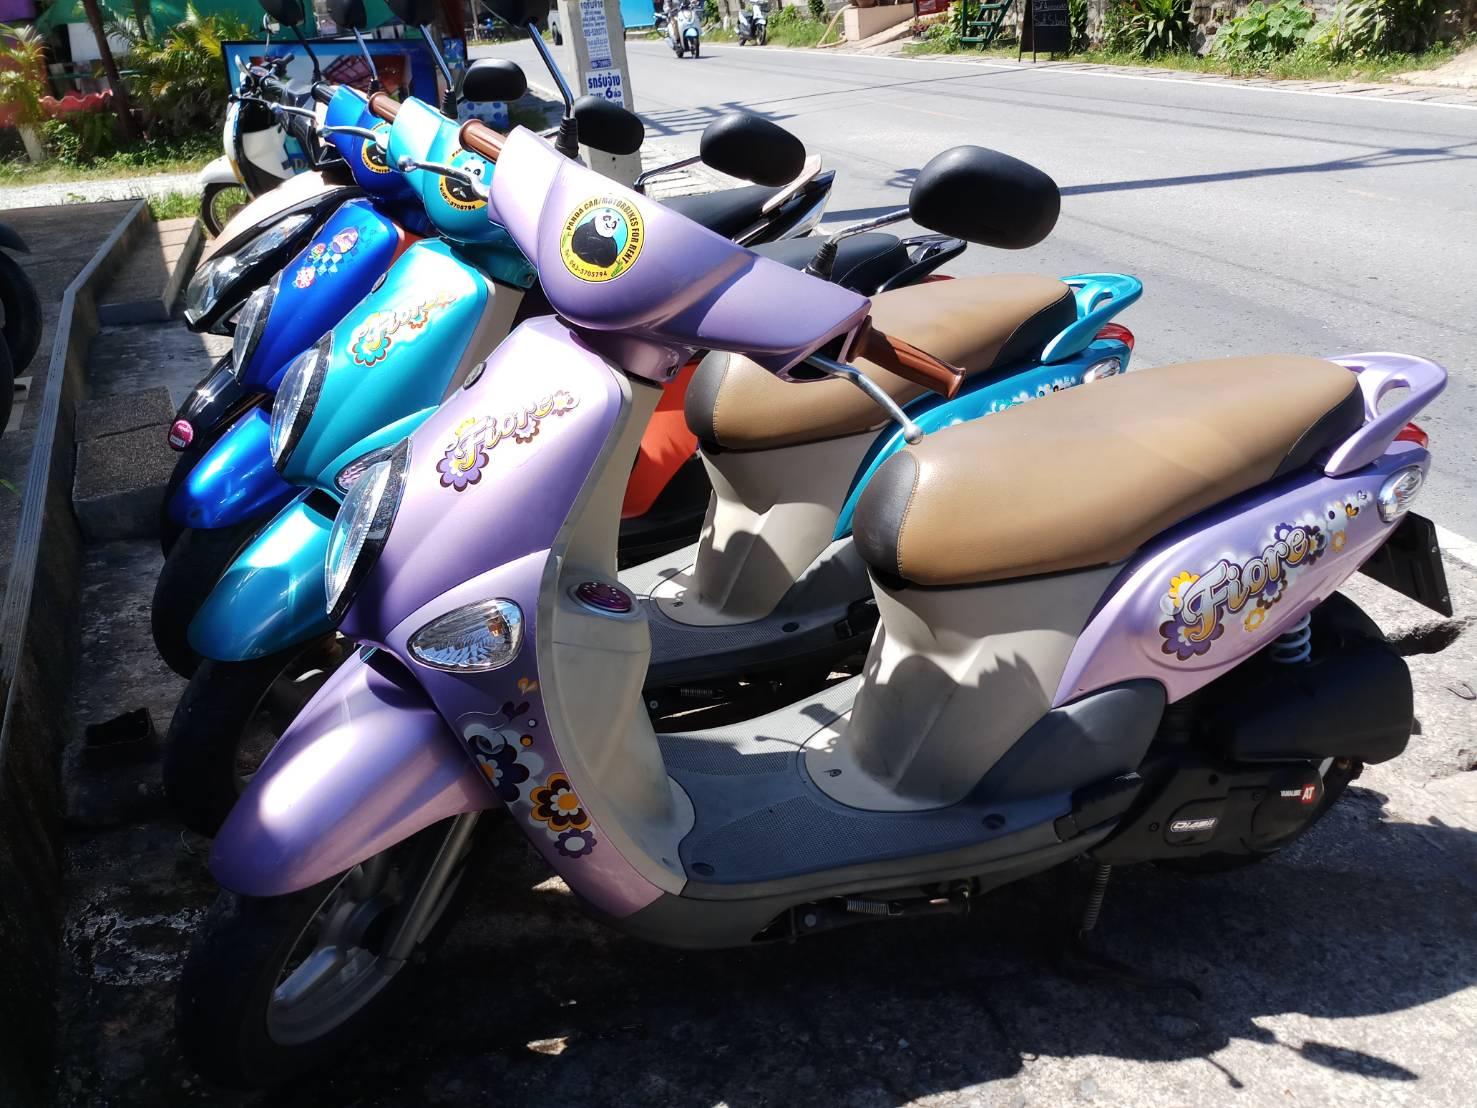 YAMAHA FIORE 110 cc.